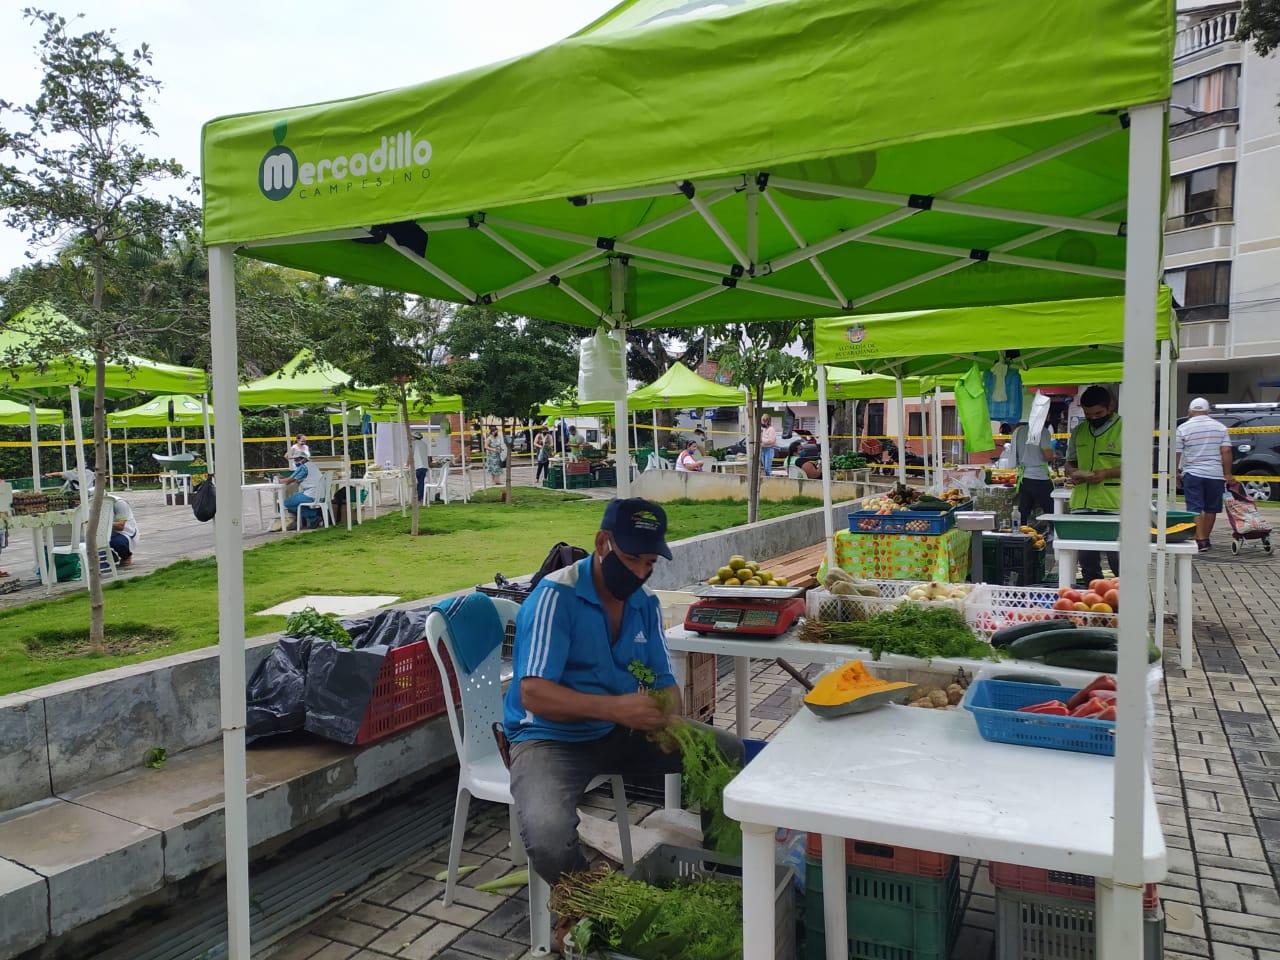 Volvieron los mercadillos con protocolos de bioseguridad | EL FRENTE